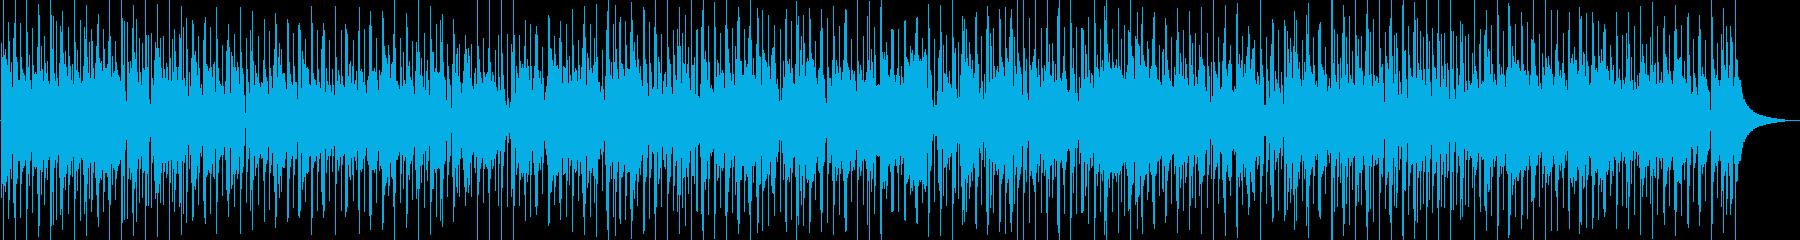 夢心地の中のボサノバの再生済みの波形